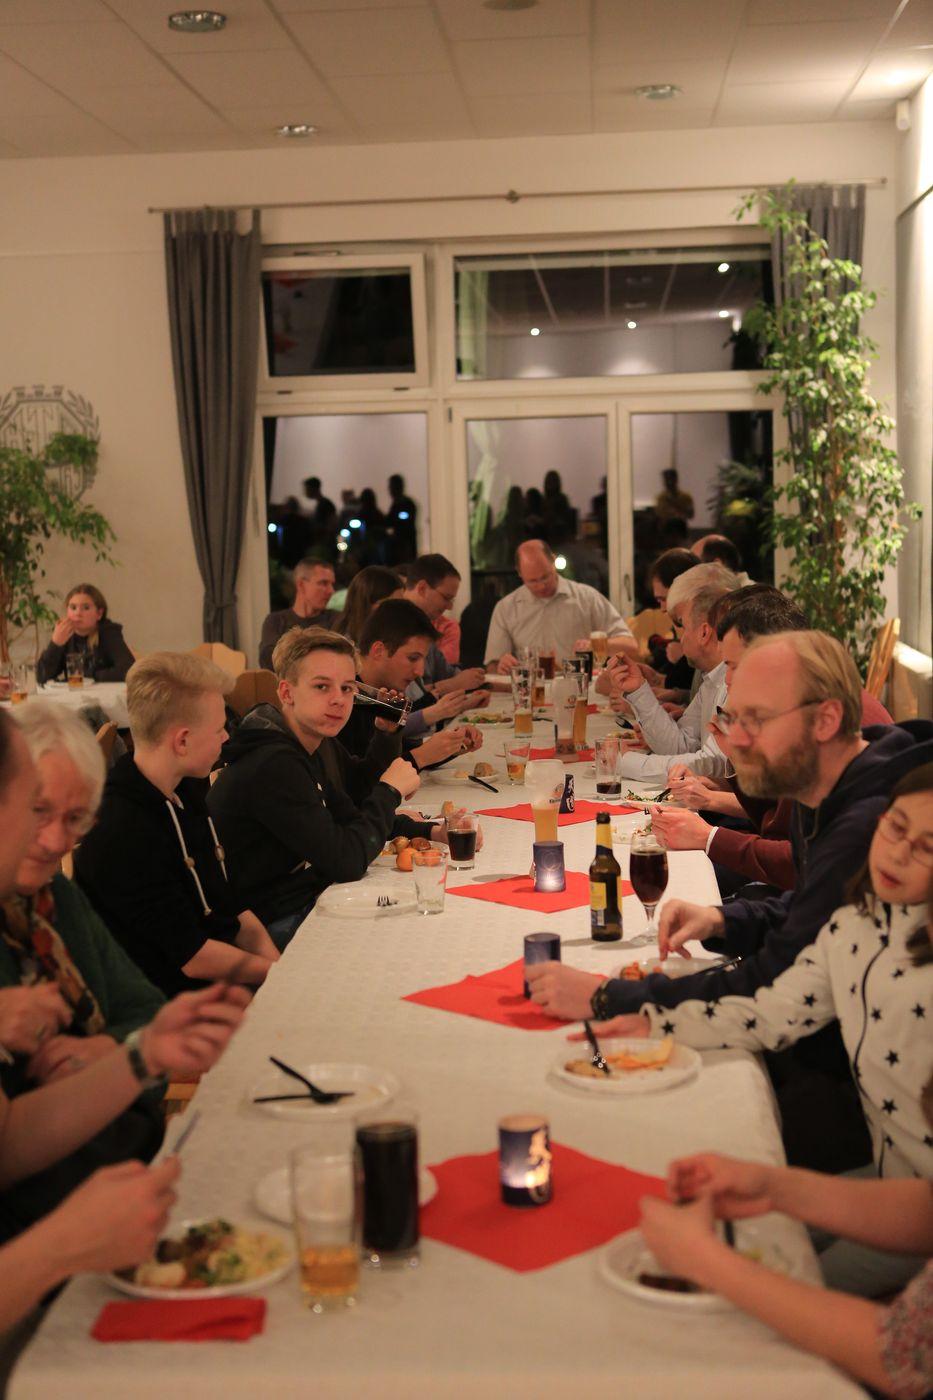 Weihnachtsfeier Harburg.Aikido Abteilung Der Turnerschaft Harburg Weihnachtsfeier 2017